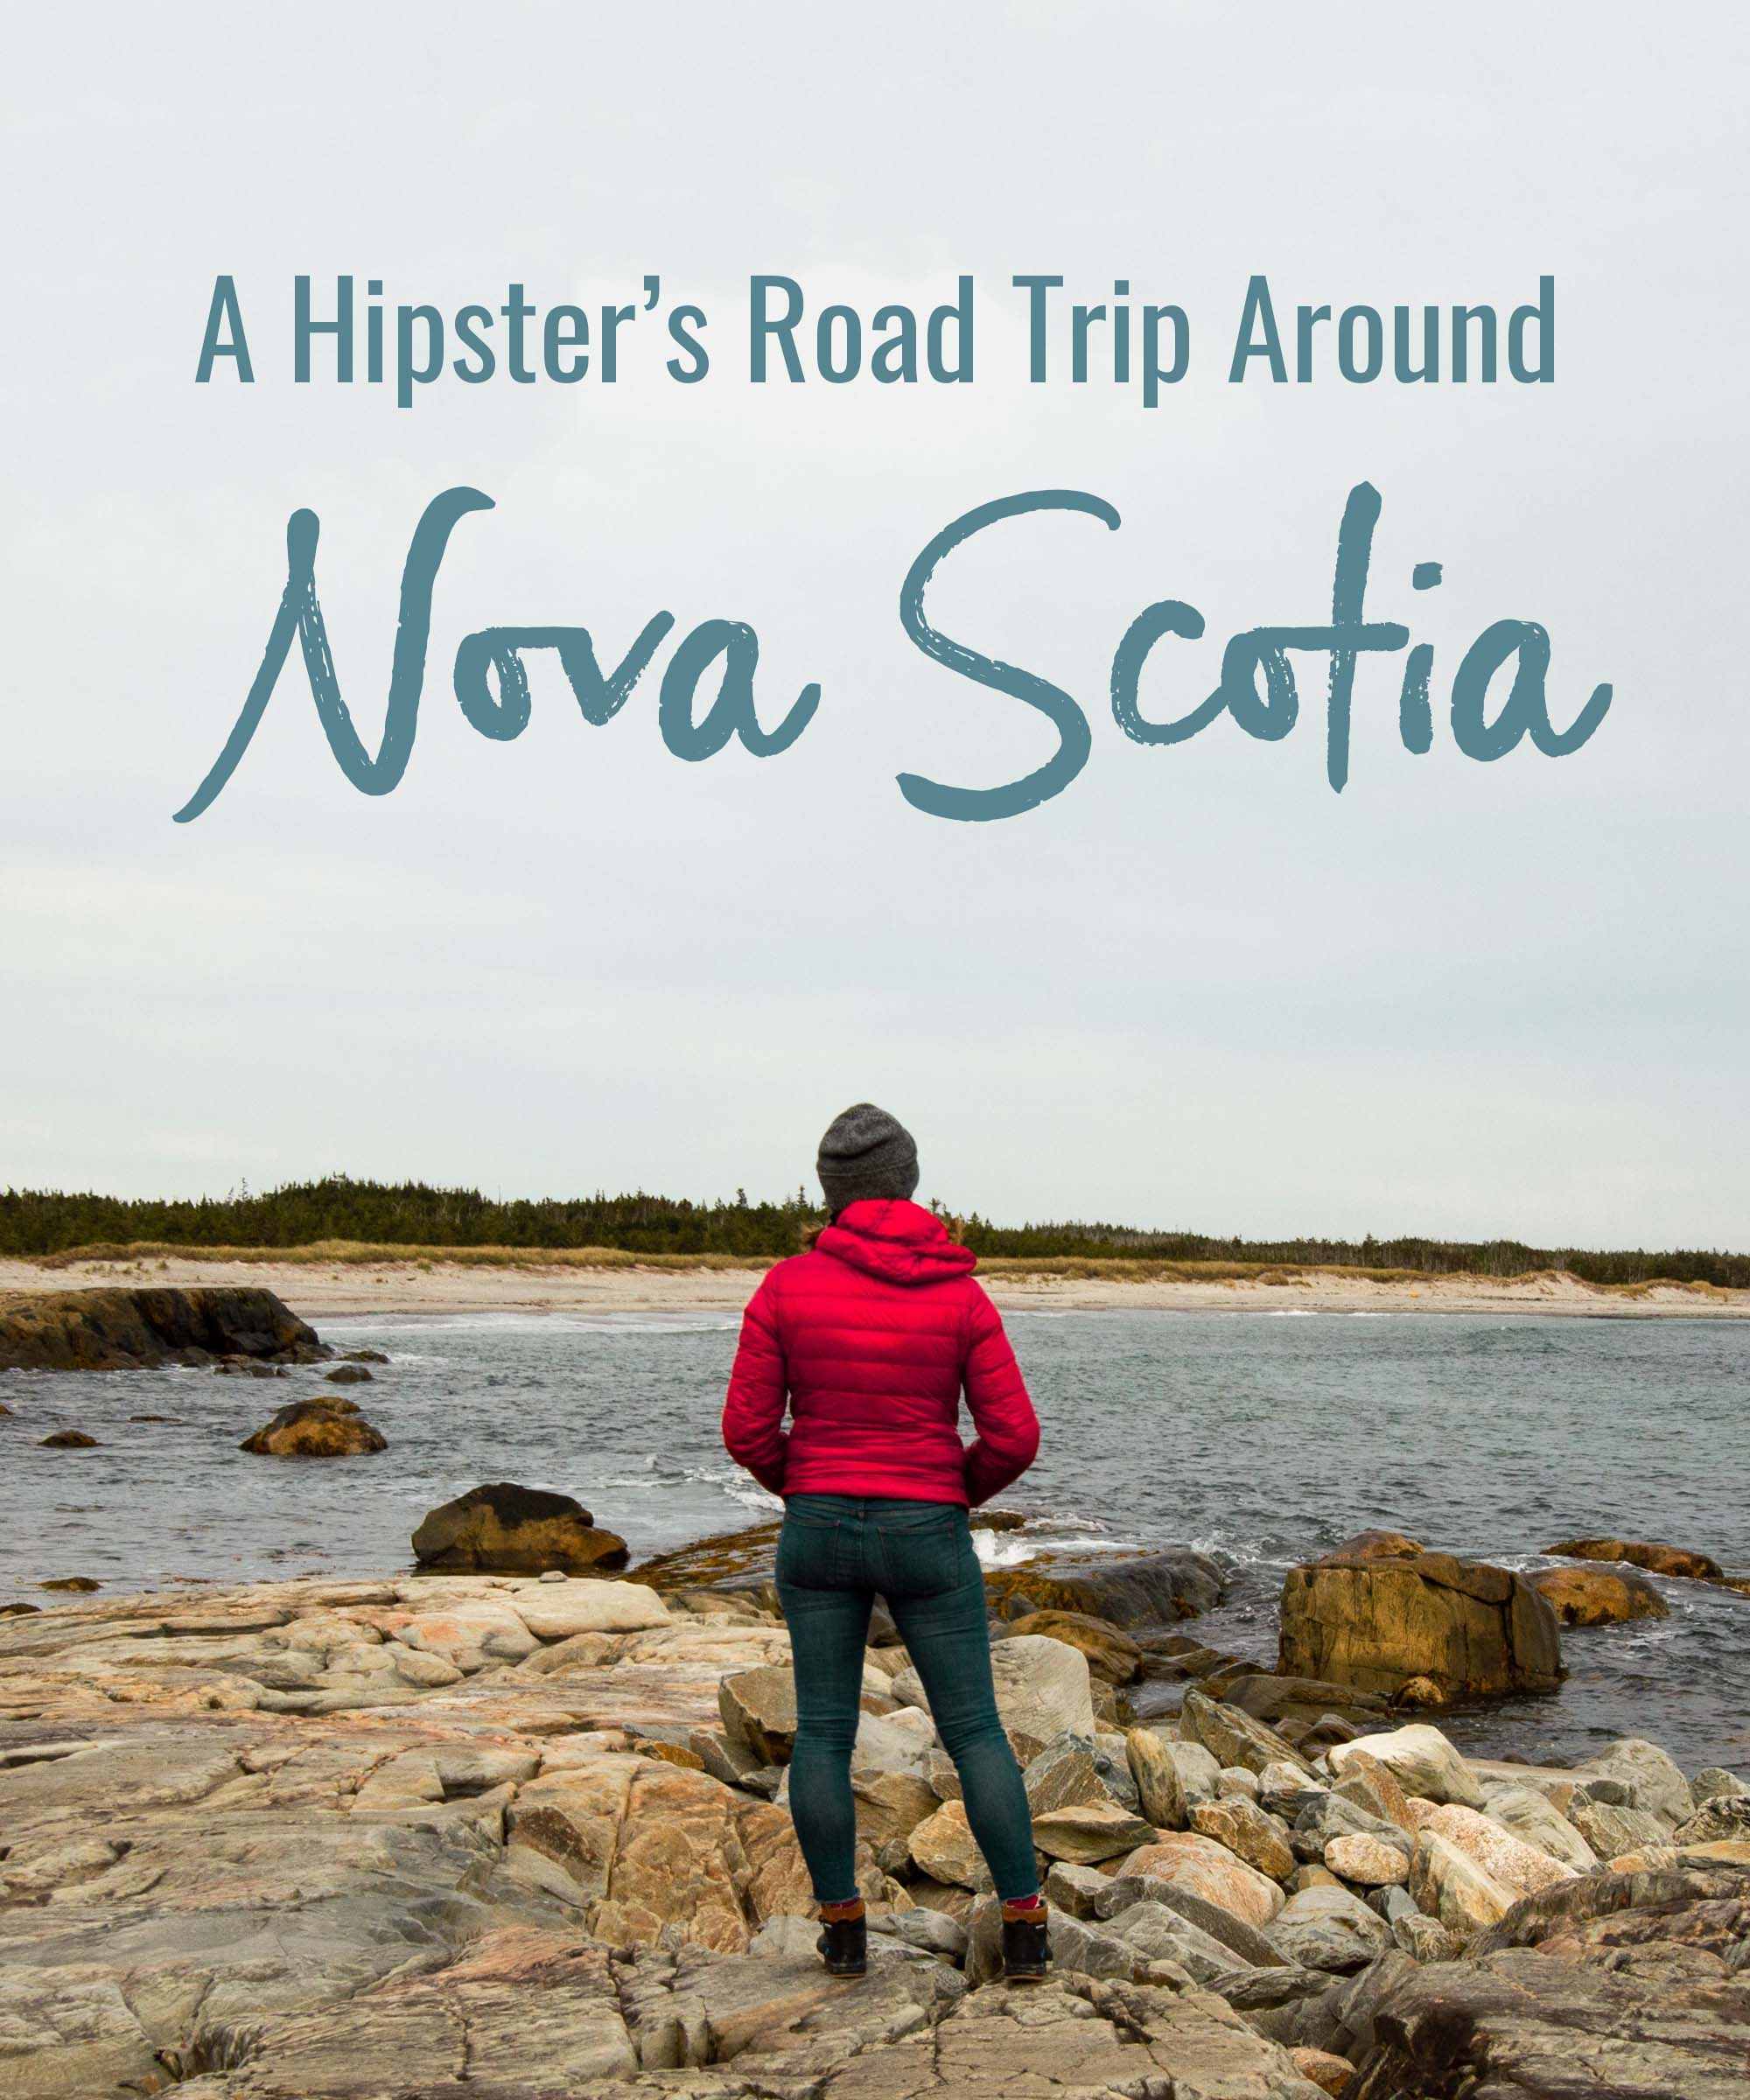 A Hipster's Road Trip Around Nova Scotia